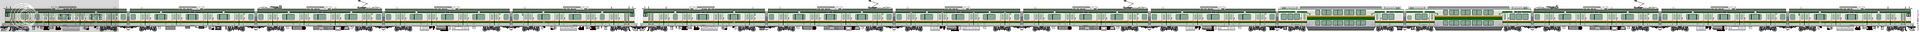 [5382] 東日本旅客鐵道 2382